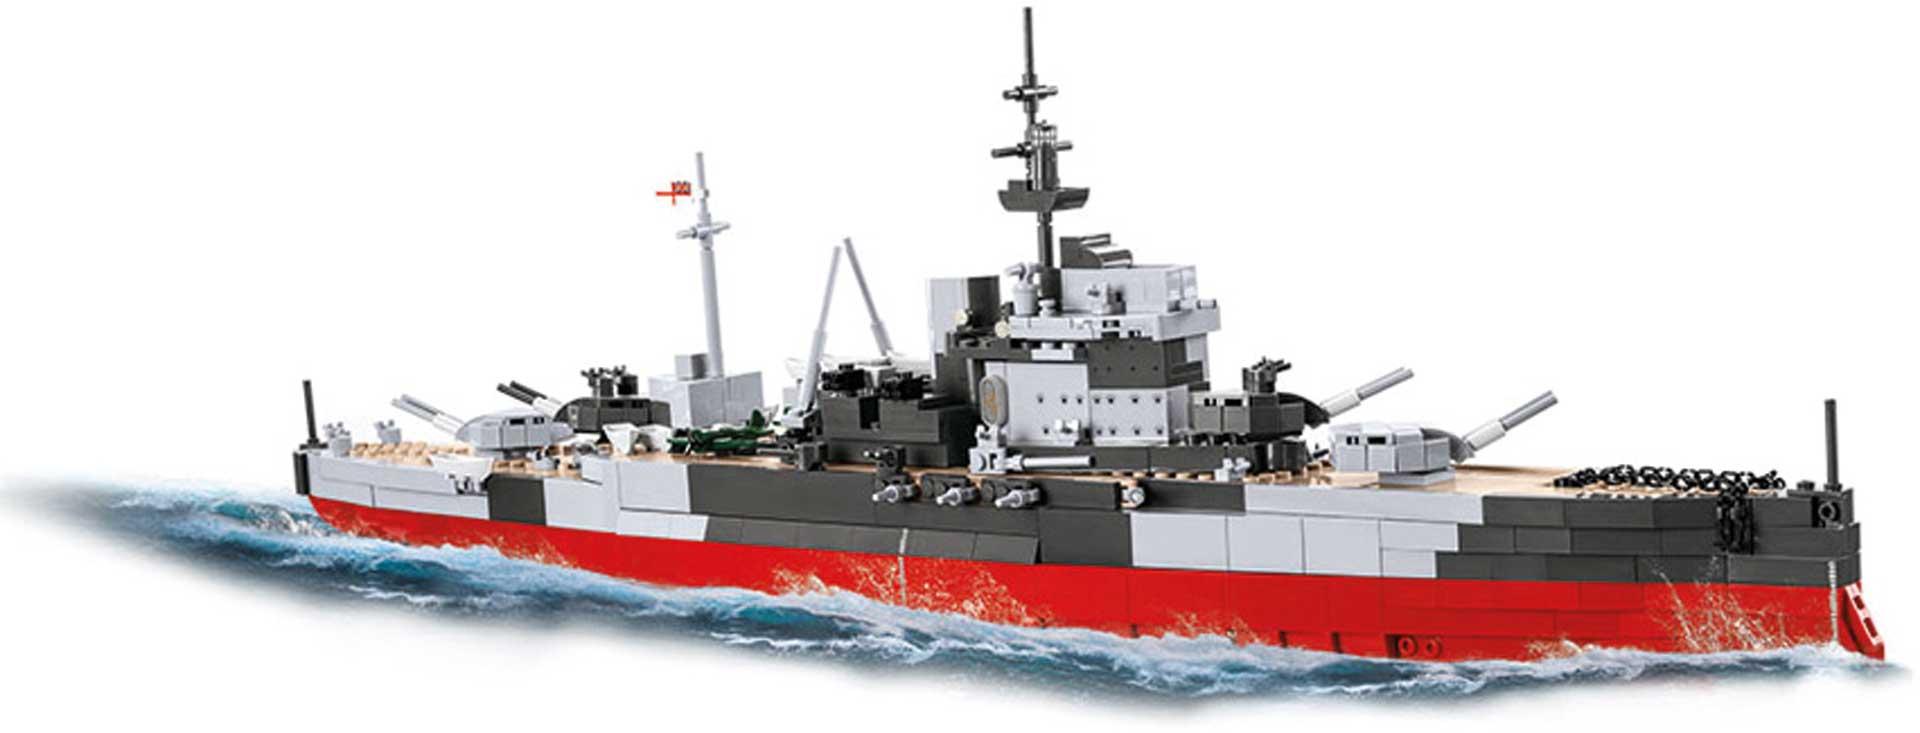 COBI HMS Warspite (1520 Teile) Klemmbausteine